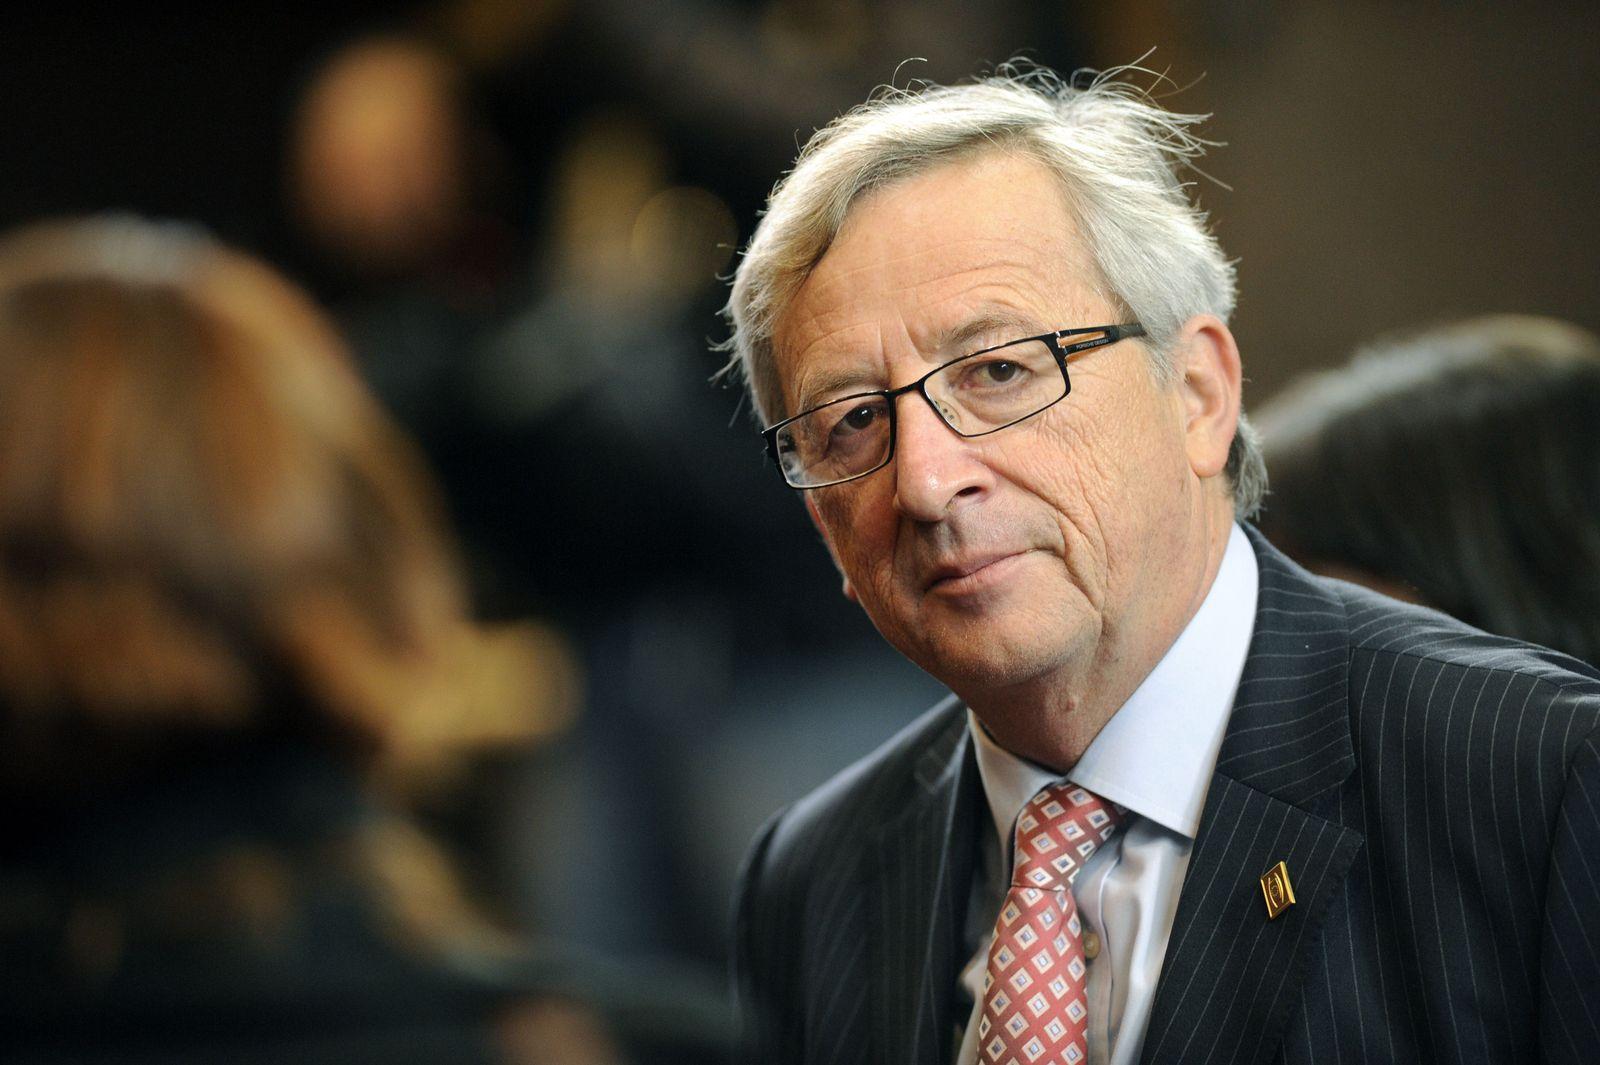 BELGIUM-EU-FINANCE-PUBLIC-DEBT-SUMMIT